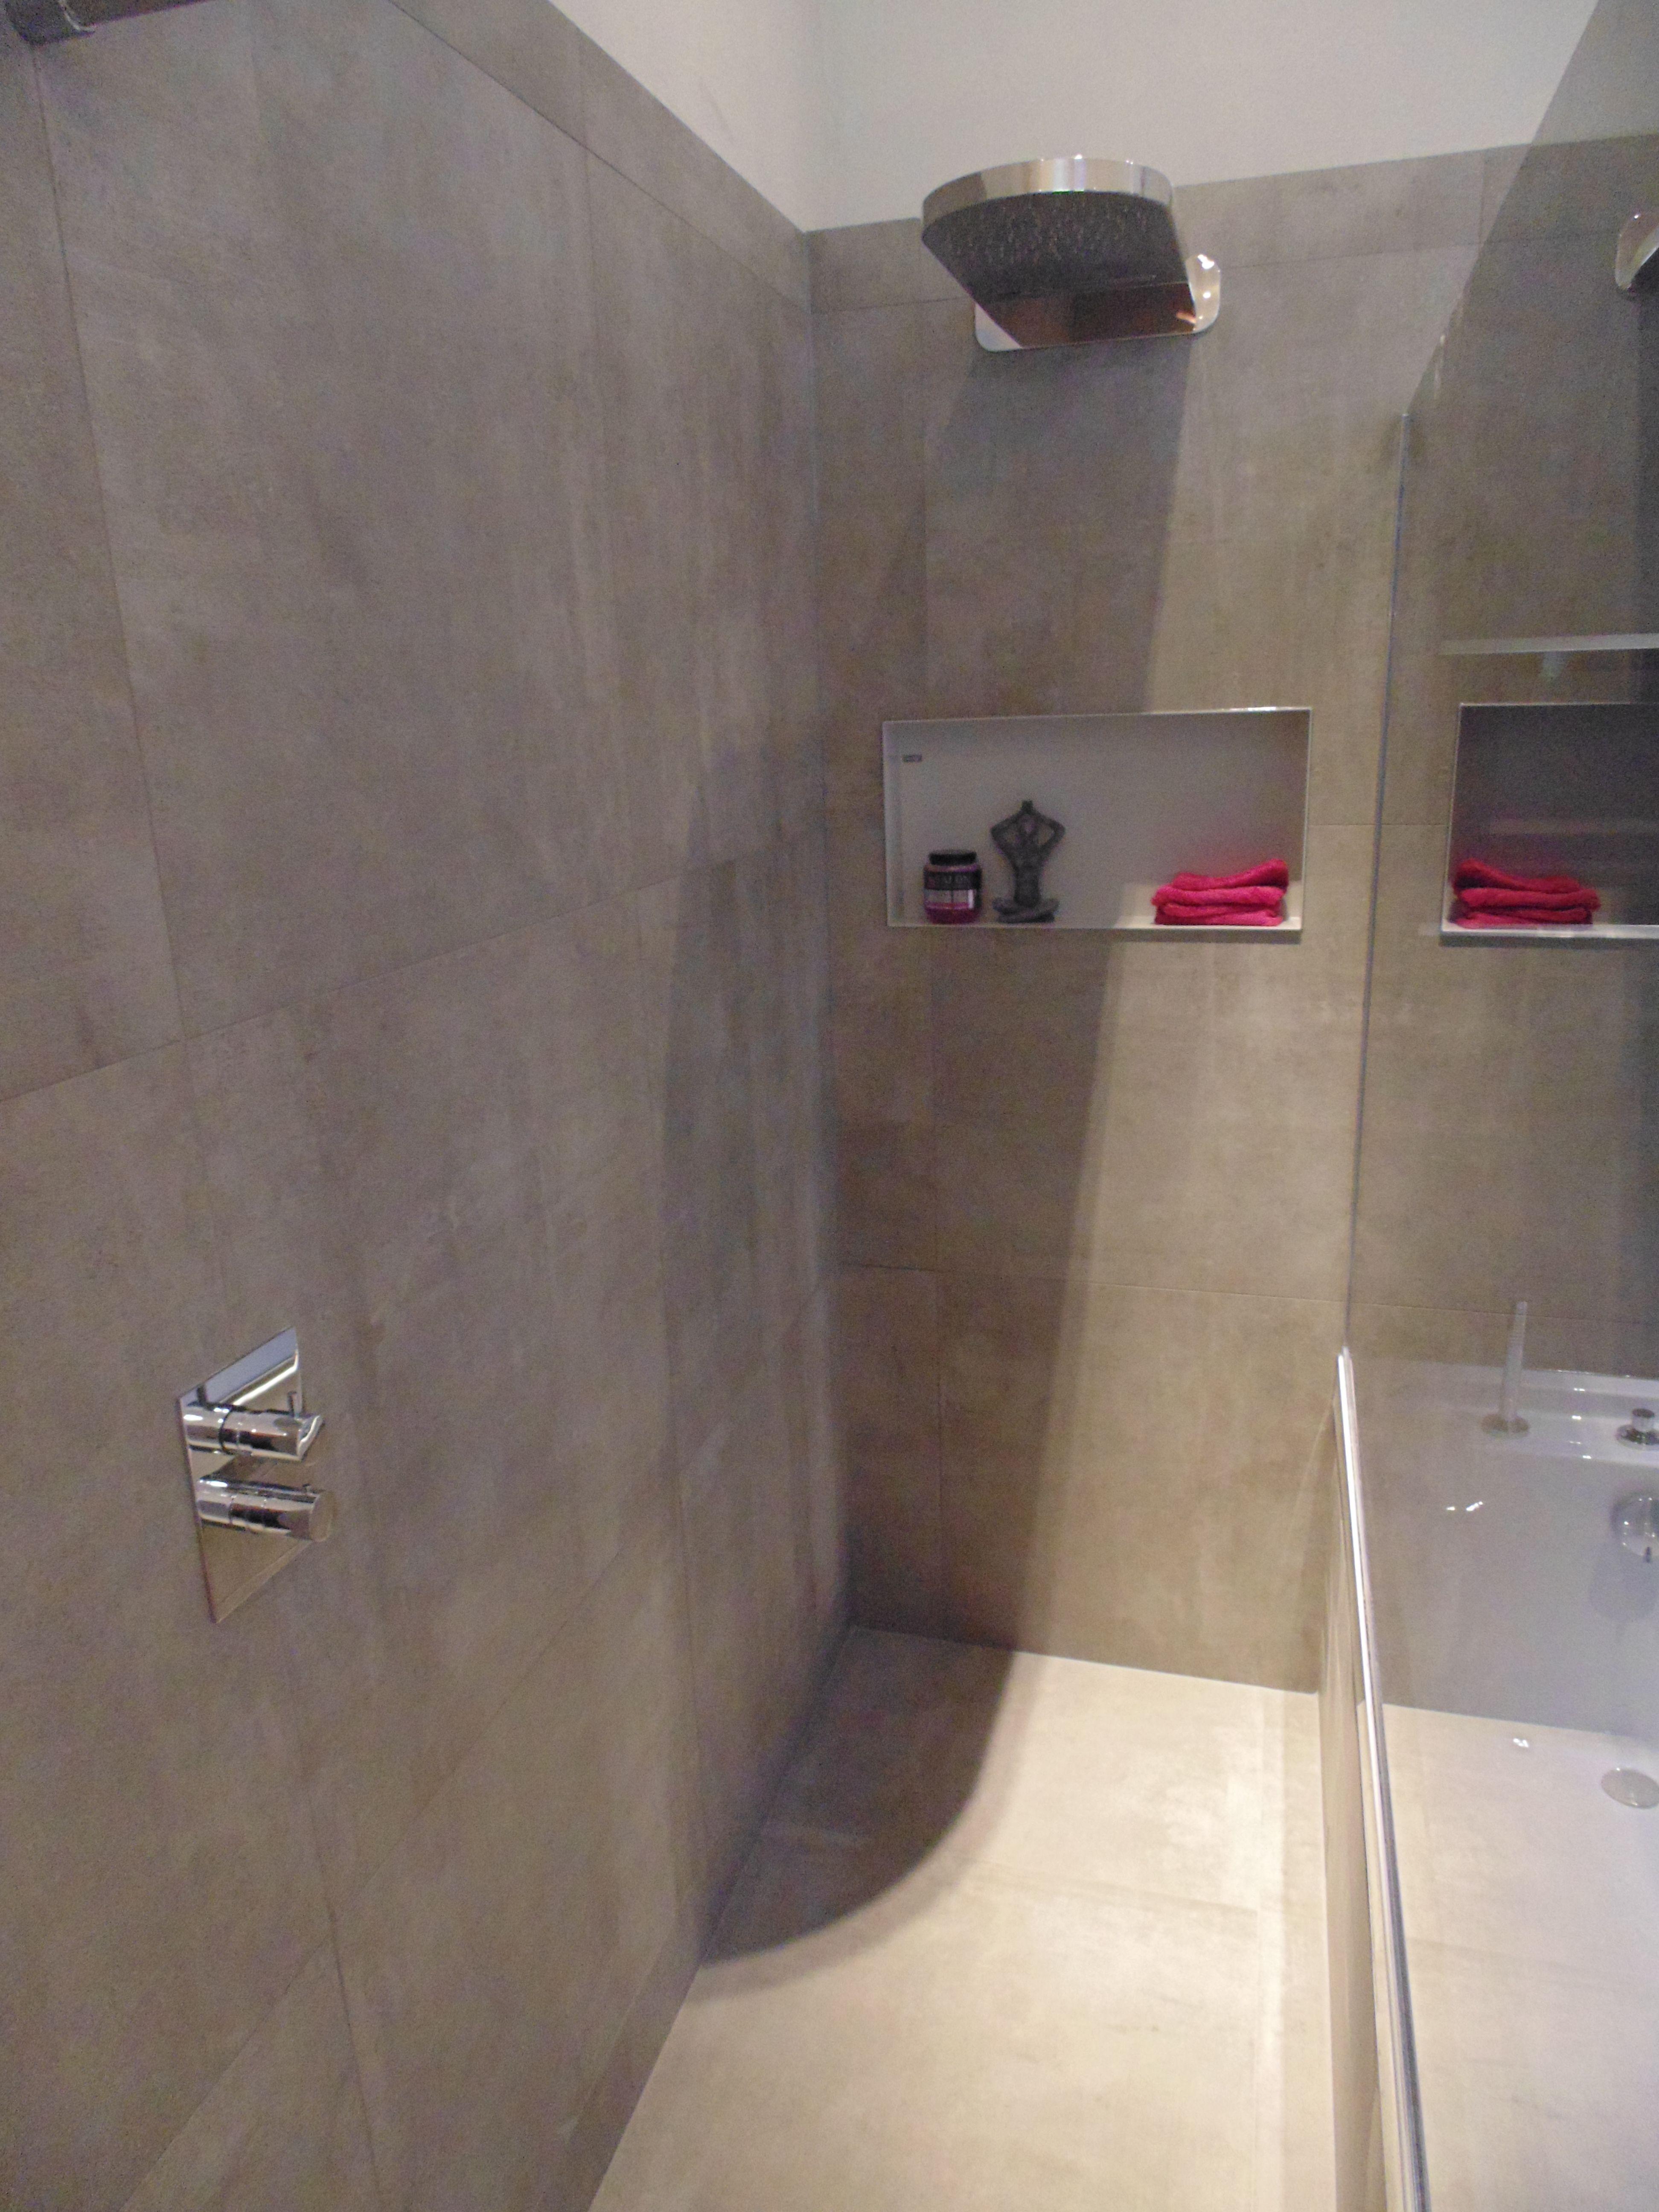 ook in het douchegedeelte is de tegel met de uitstraling van beton